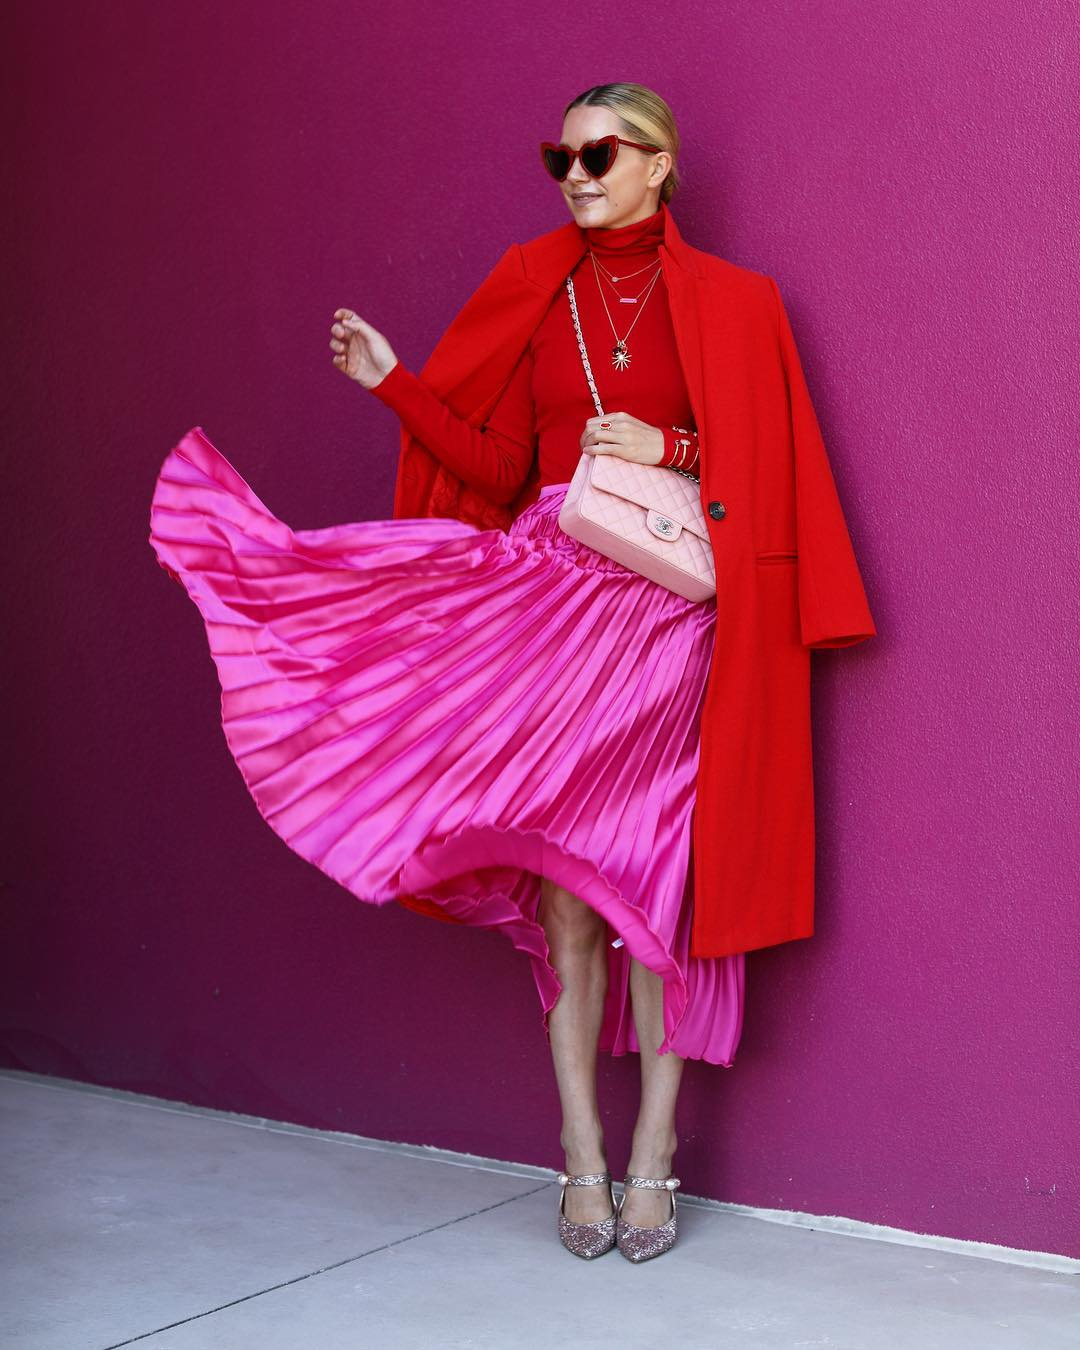 как носить красный цвет дамам 40+ зимой 2019 фото 3